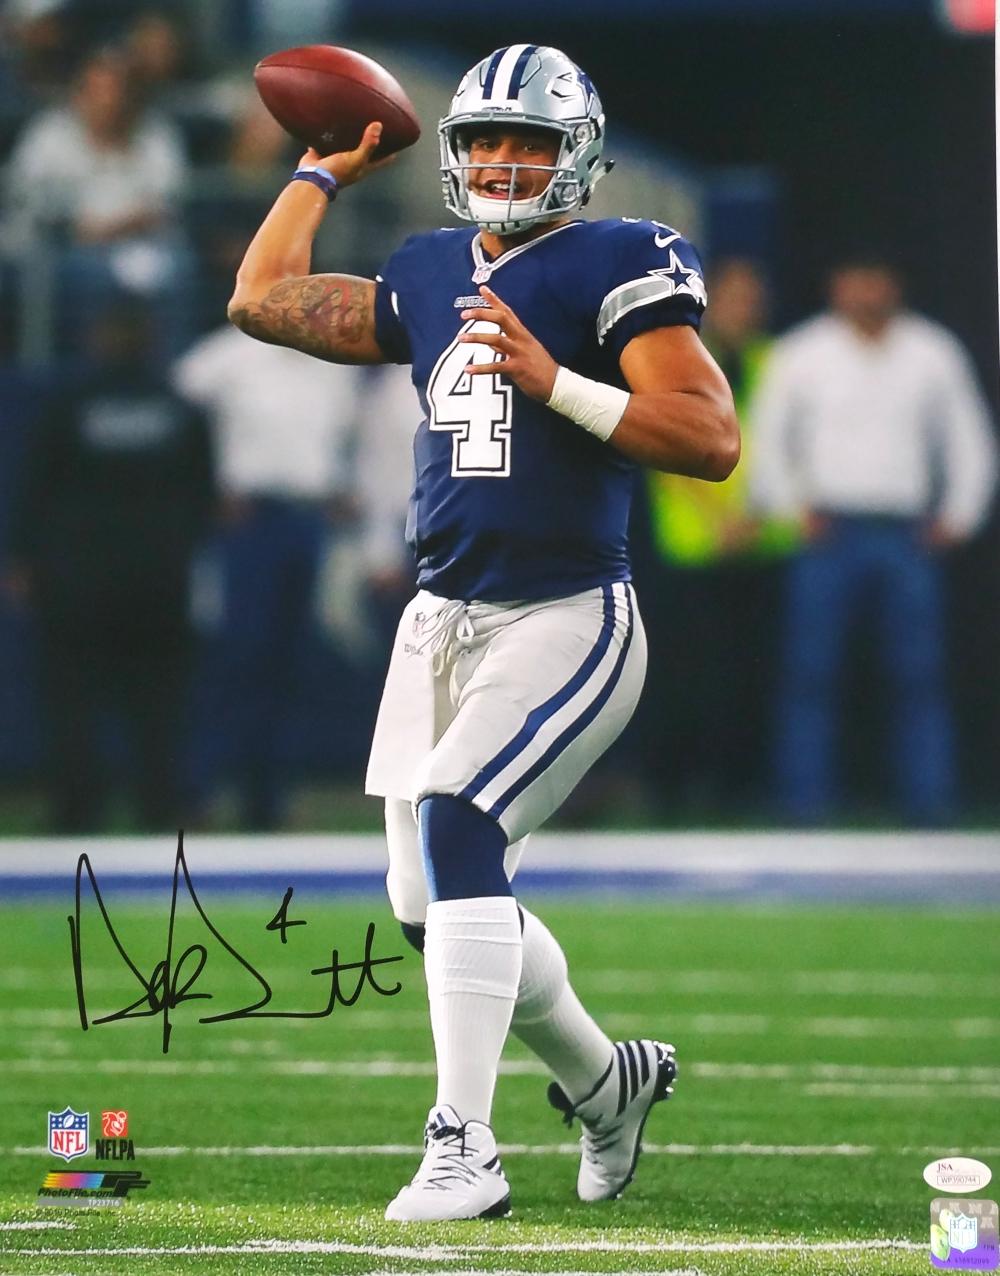 big sale 79313 68415 Details about Dak Prescott Signed 16x20 Dallas Cowboys Passing in Blue  Jersey Photo JSA